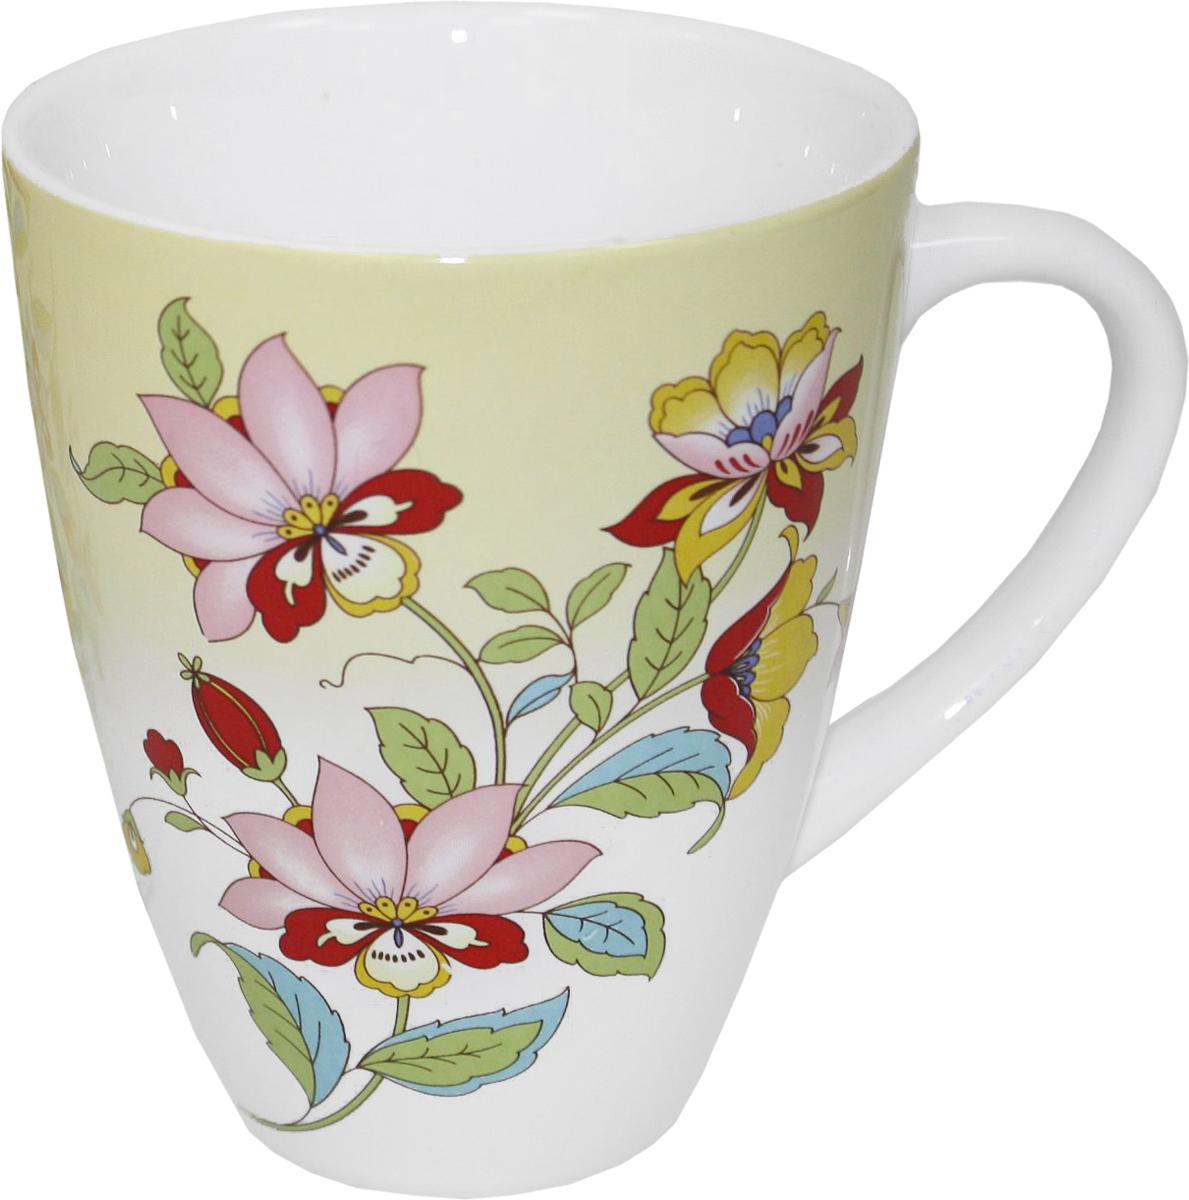 Кружка Azulejo Espanol Ceramica Sunny Flowers, 300 мл115510Кружка Azulejo Espanol Ceramica Sunny Flowers сочетает в себе кухонную практичность и декоративную утонченность.Кружка оформлена художественной печатью и станет отличным украшением вашего интерьера.